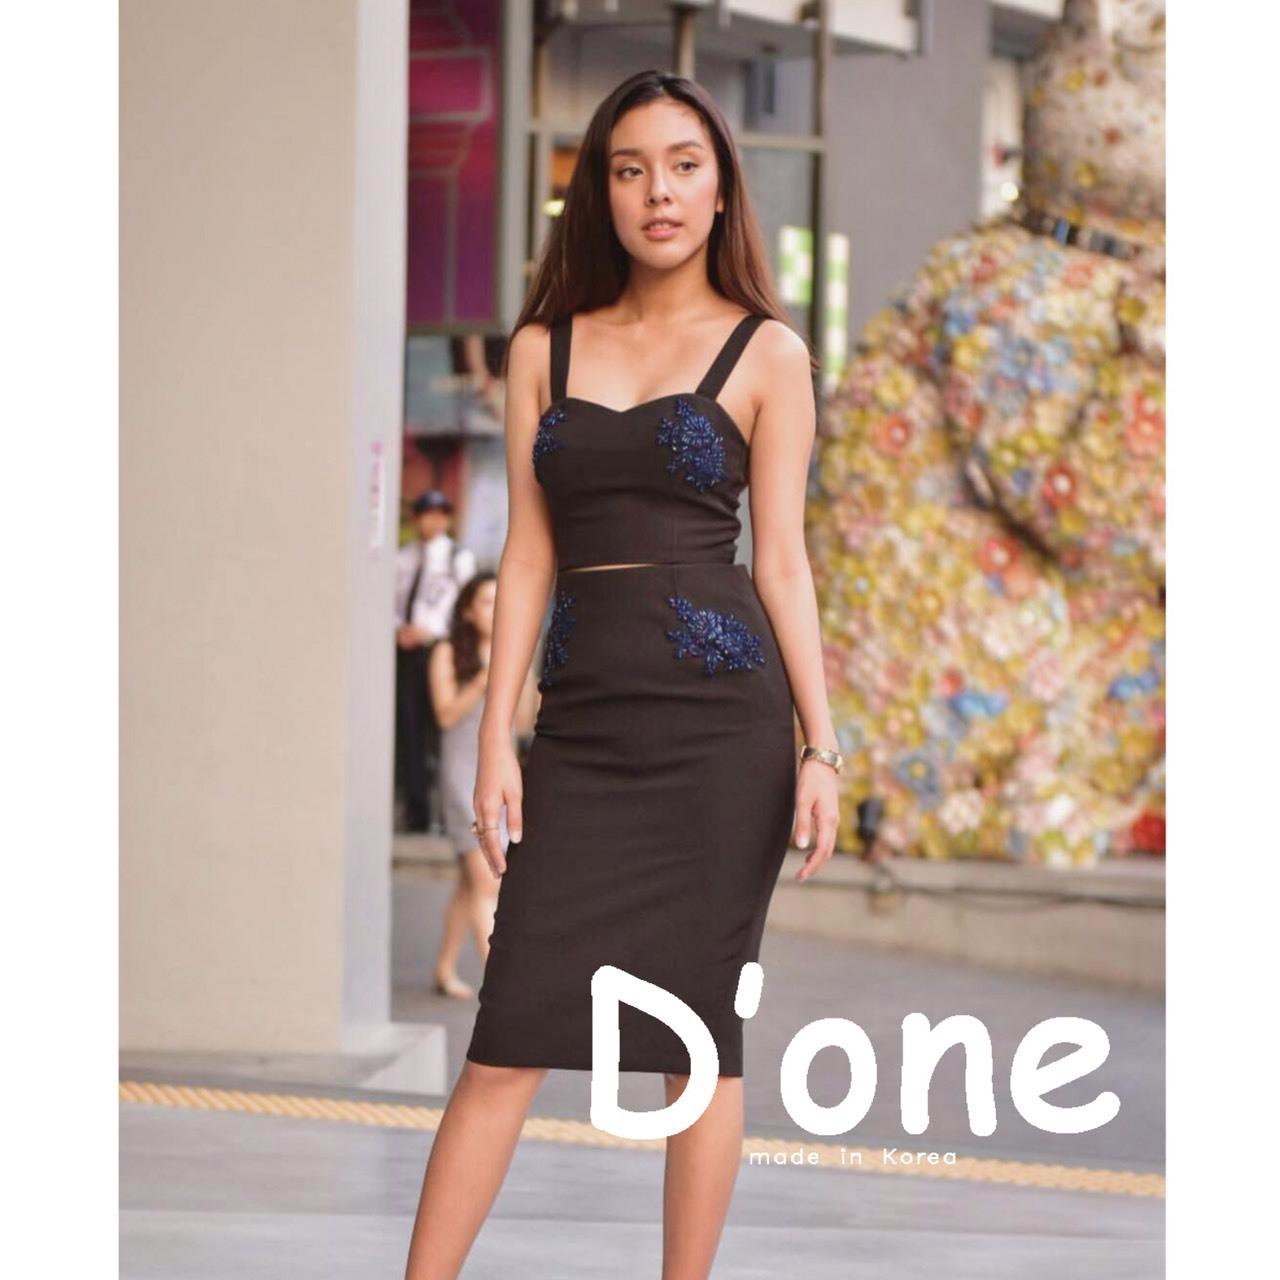 เสื้อผ้าแฟชั่นเกาหลี พร้อมส่งSet นี้สวยมากกๆค่ะ และปังสุดดๆ set เสื้อครอป+กระโปรงทรงสอบ8ส่วน